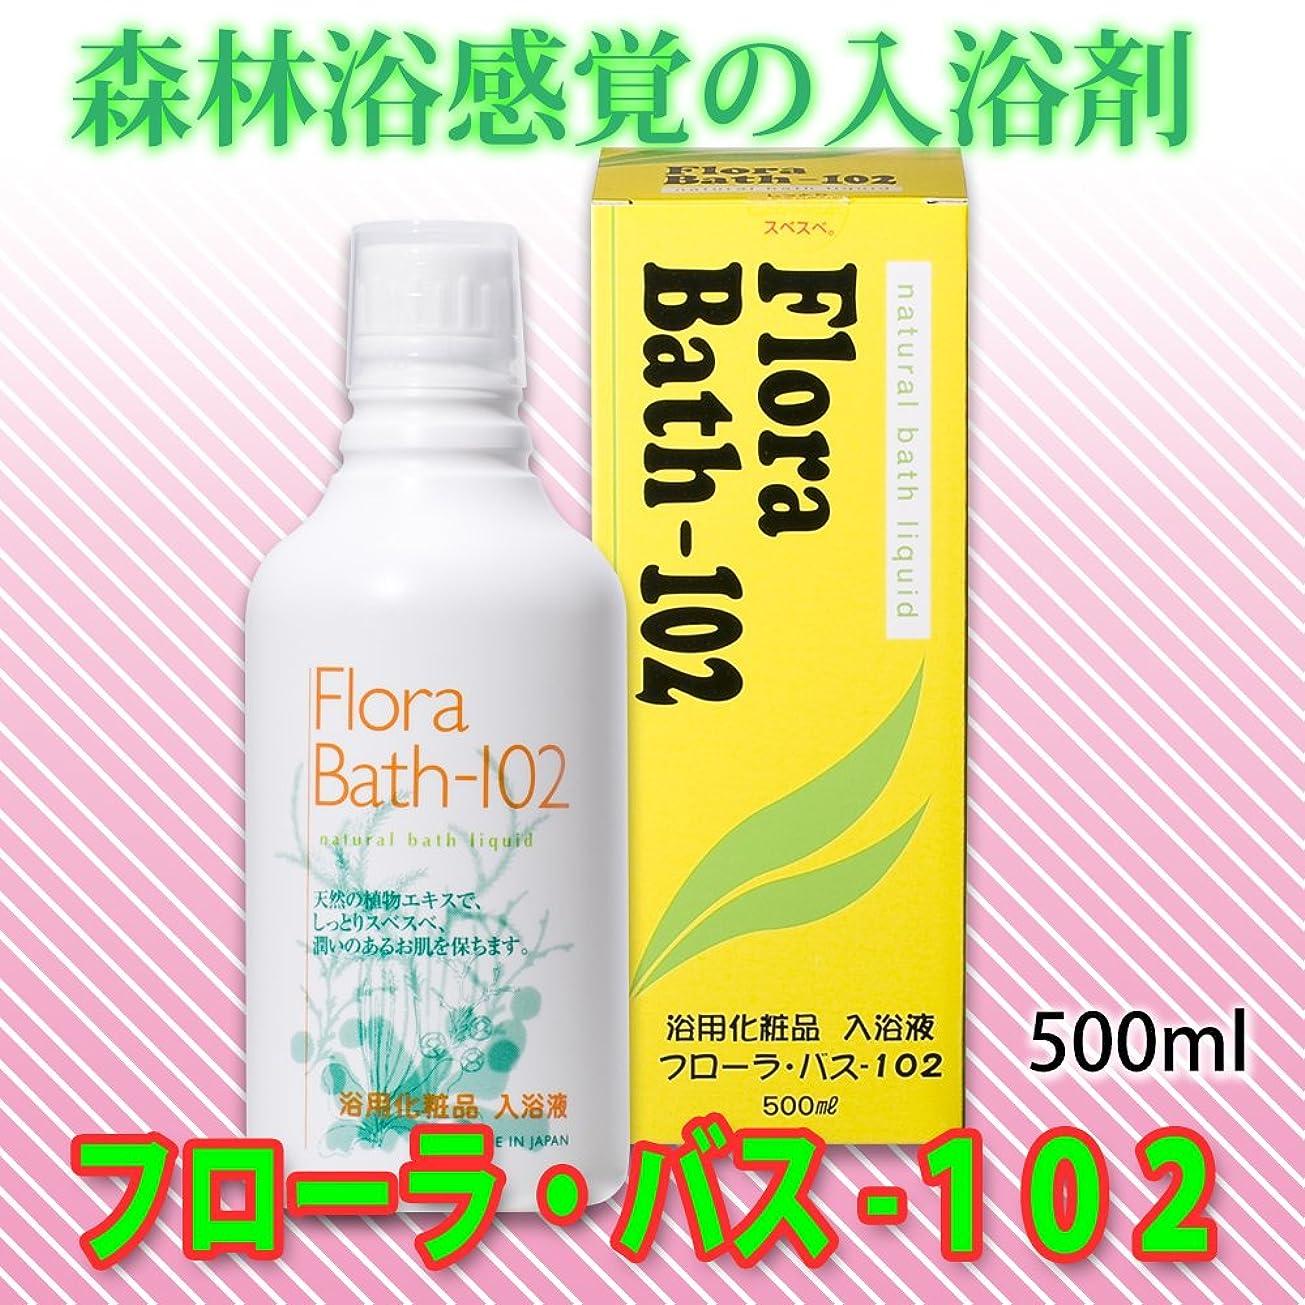 もちろんしないでくださいスペイン語フローラ 植物エキス保湿入浴液(無香料) フローラ?バス-102  500ml